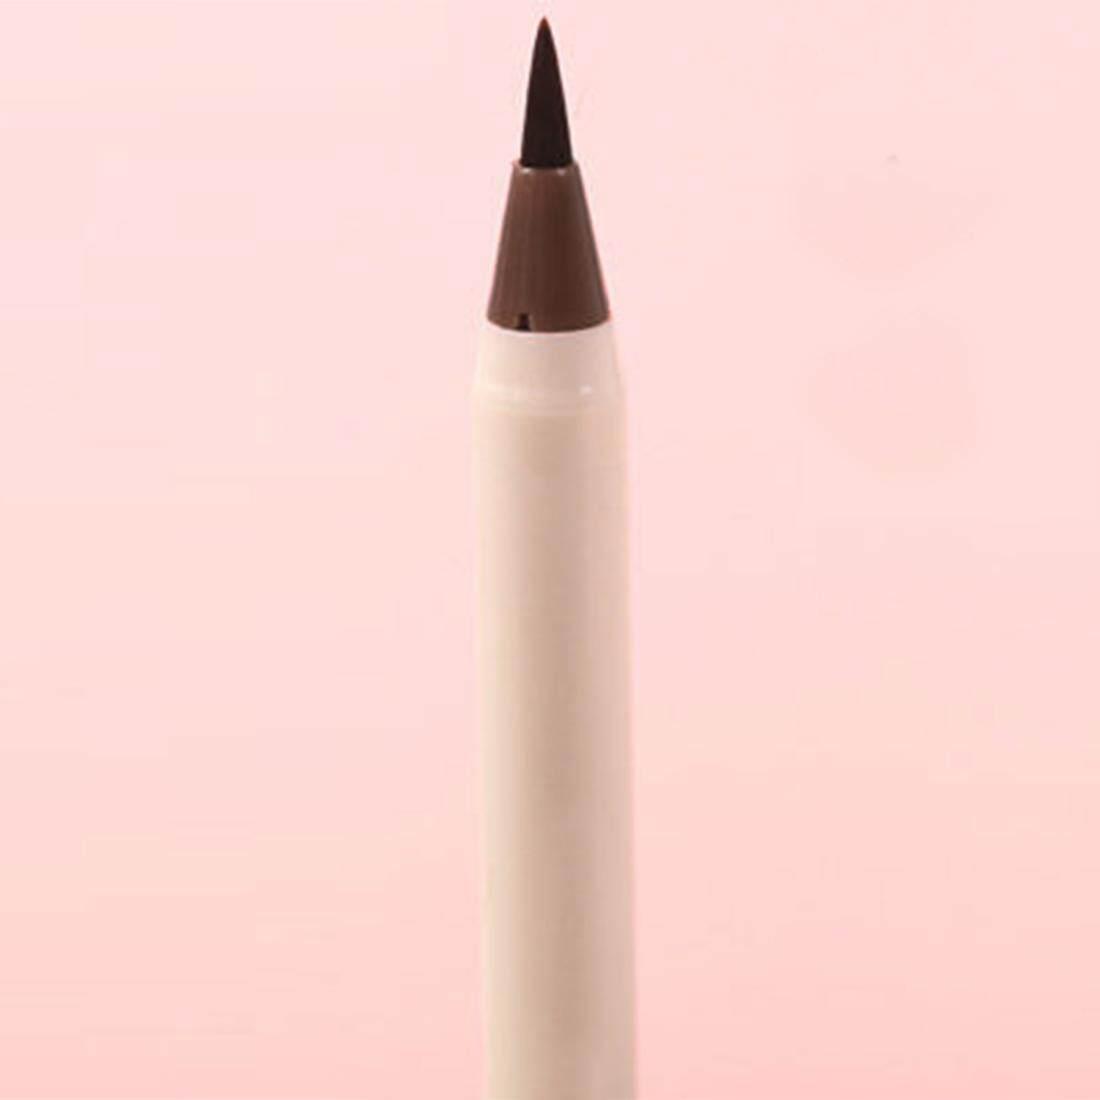 Mua Bàn Chải mềm mại Thư Pháp Bút Màu Nước Bút Lông Xóa Nghệ Thuật Bút Thiết Kế Hoạt Hình Phác Thảo Manga Vẽ Đồ Họa